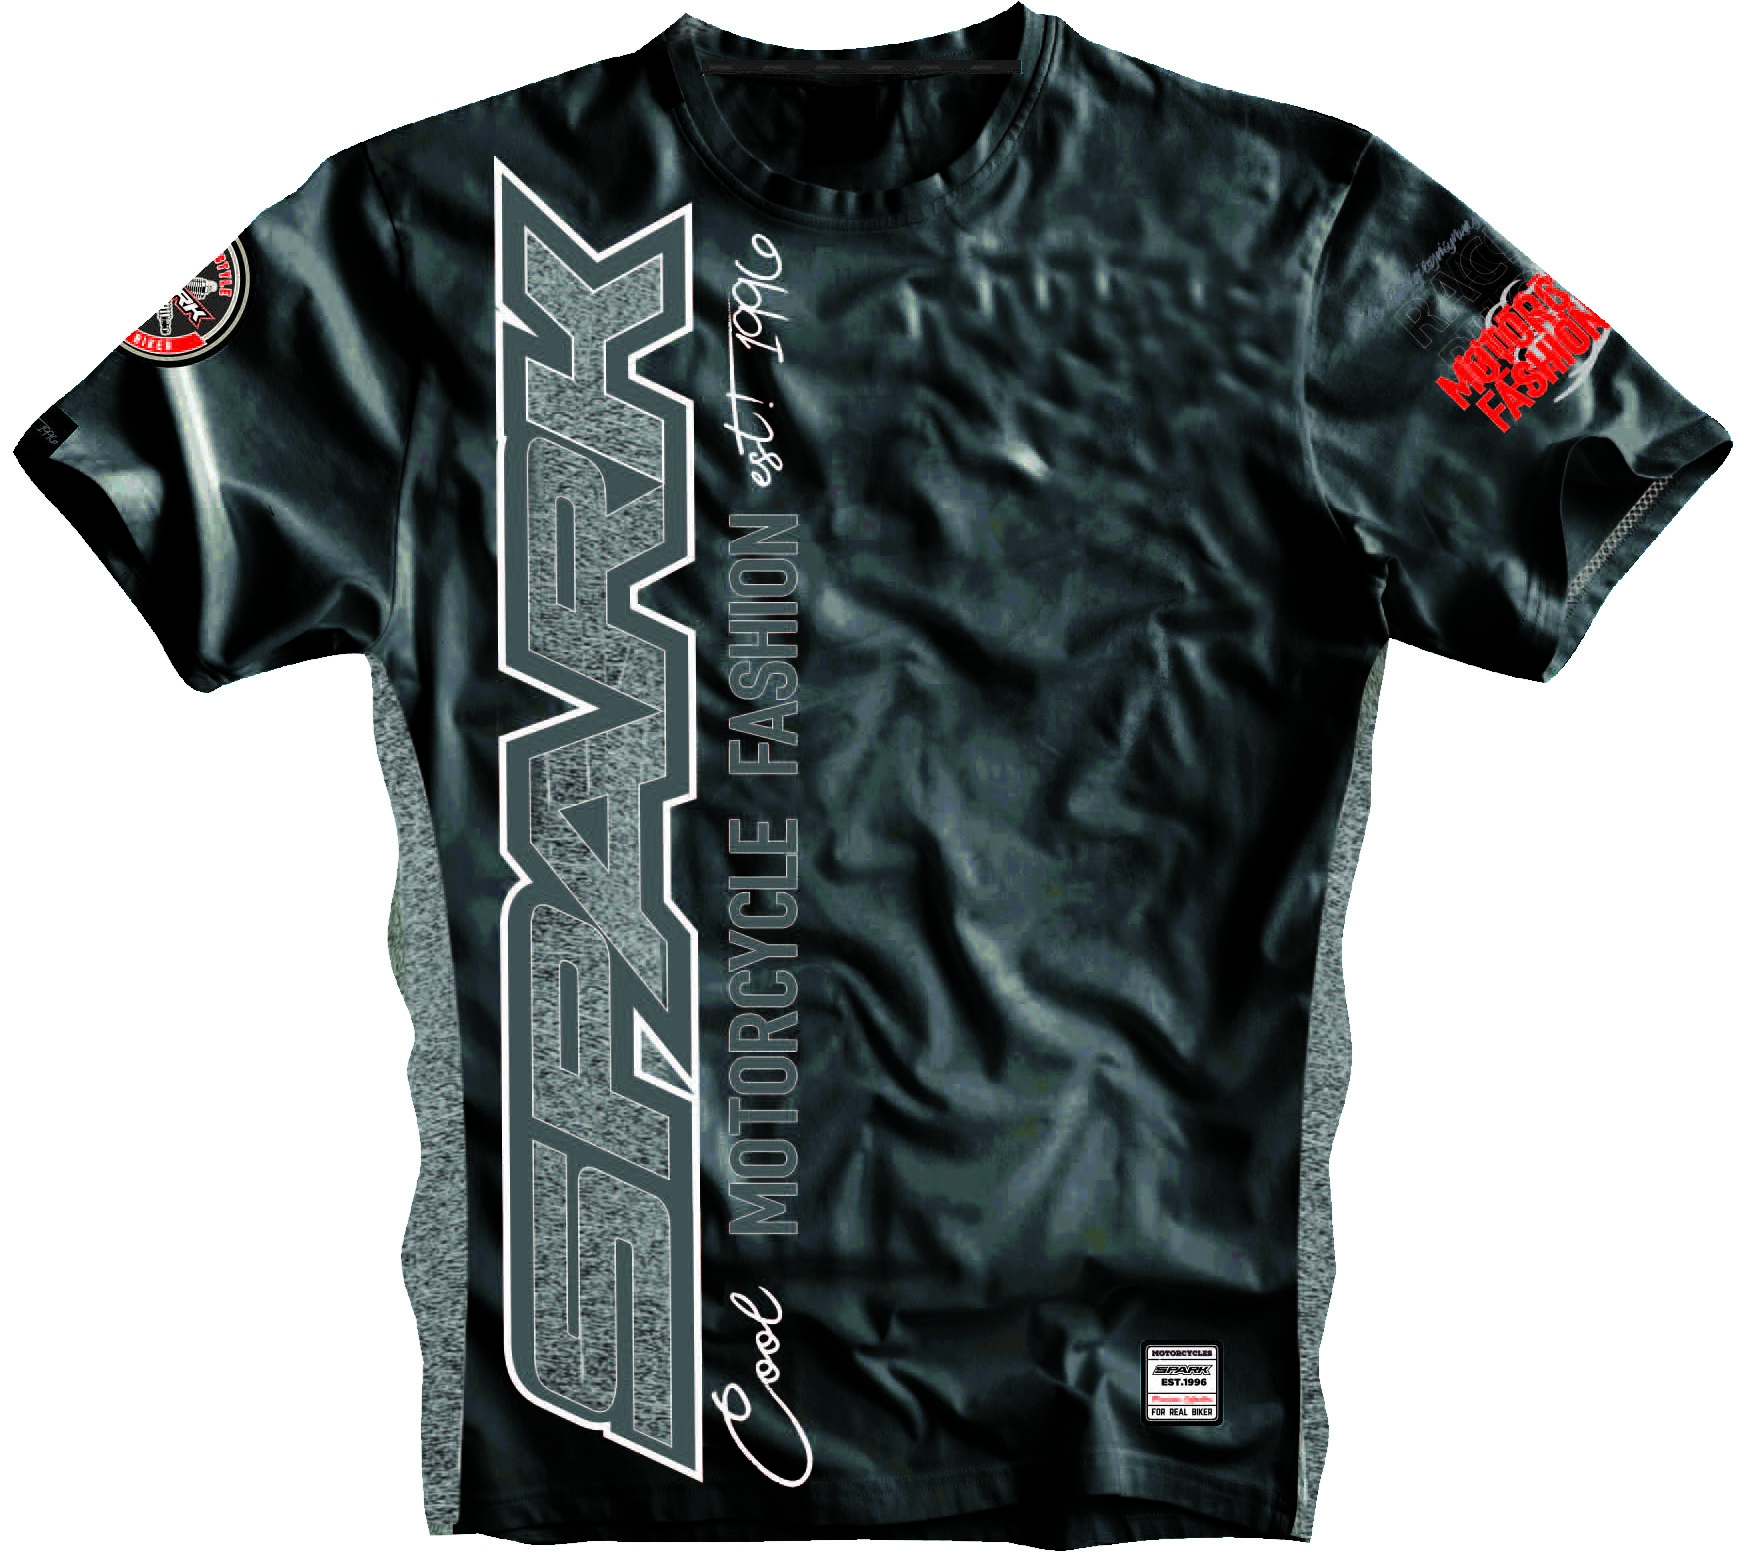 Pánské tričko Spark S 005, černé